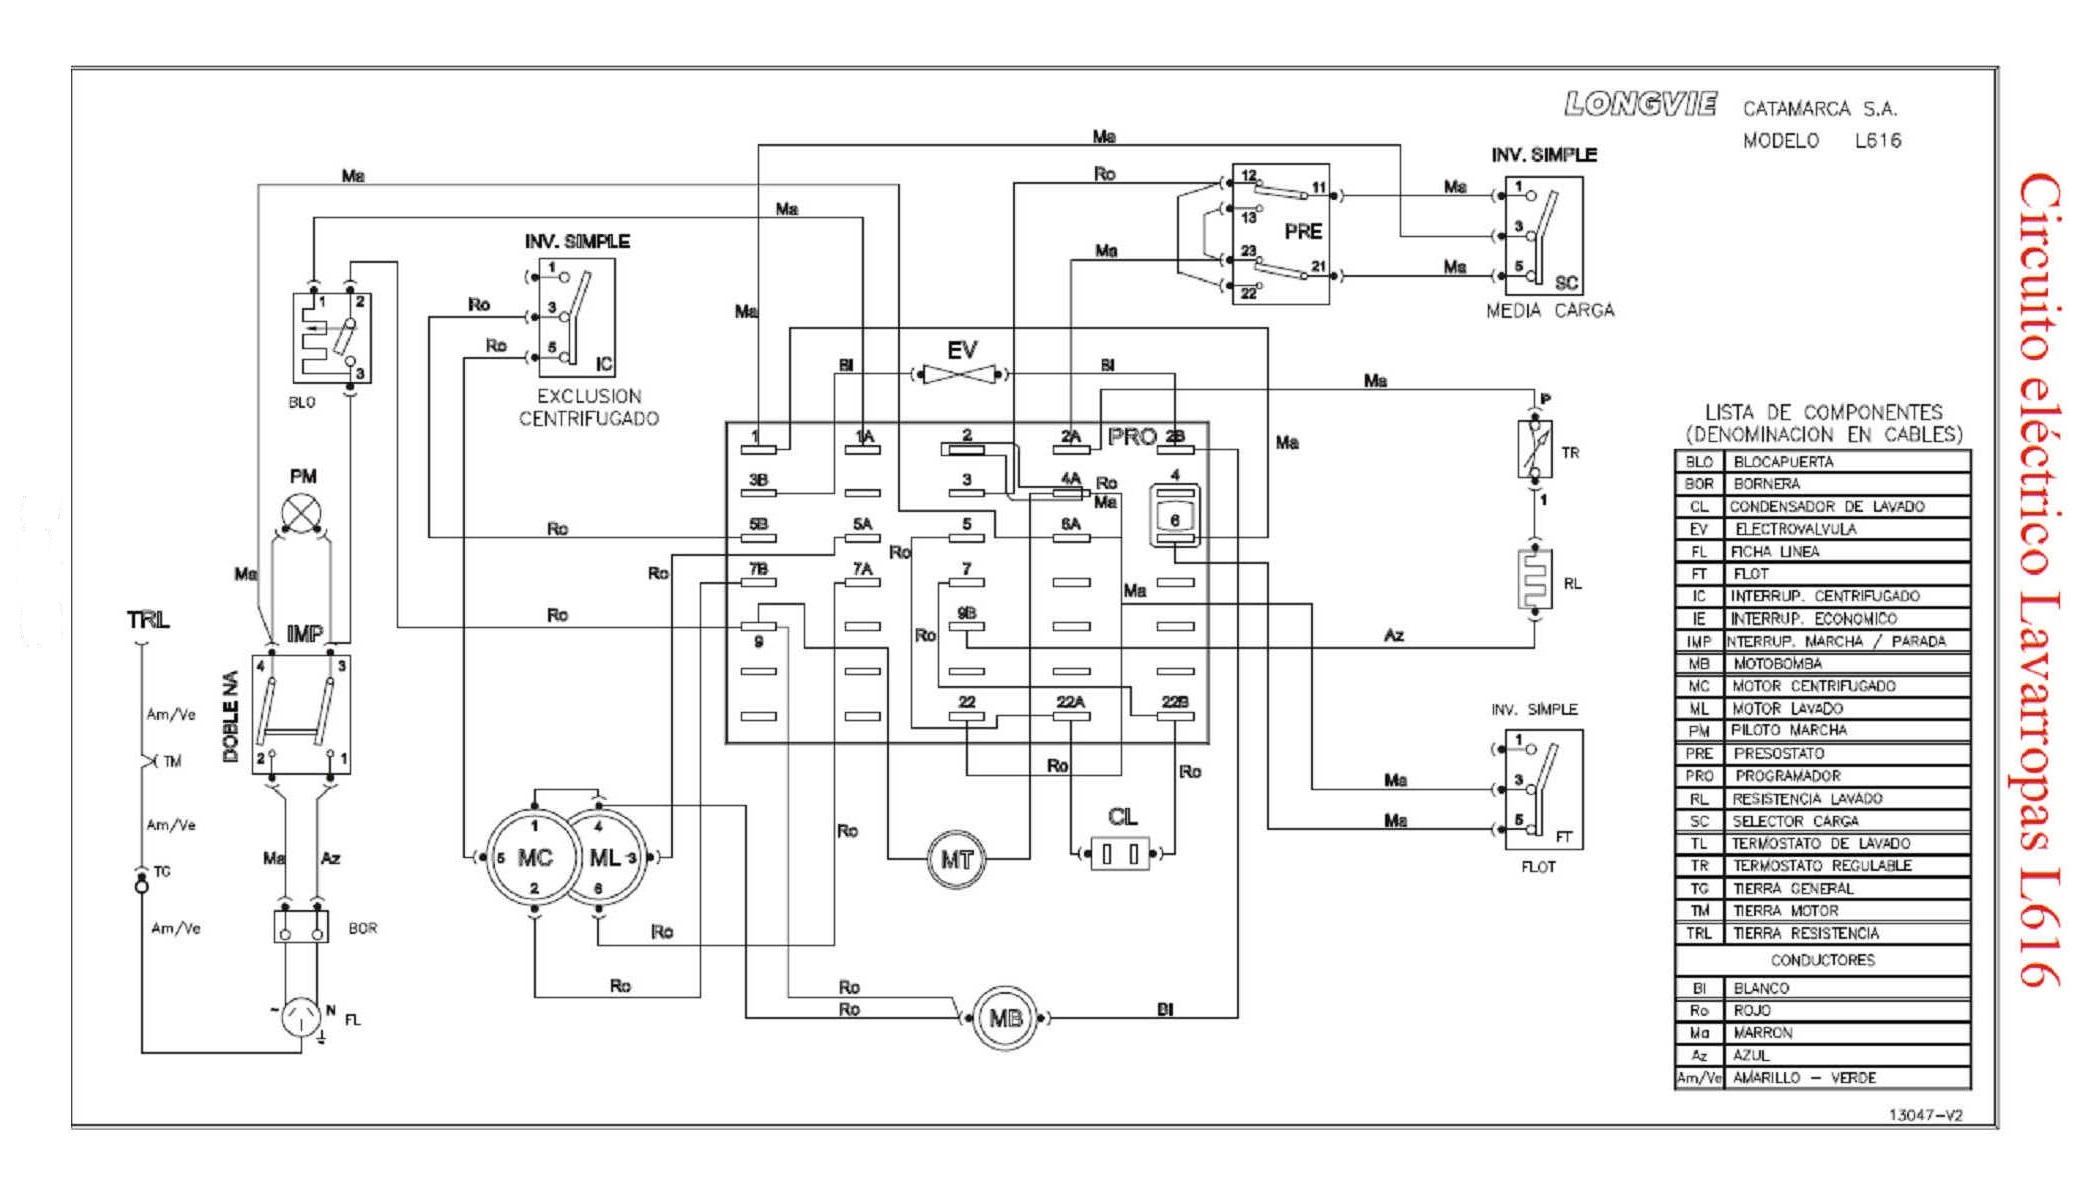 solucionado necesito diagrama del timer elbi 0700 por